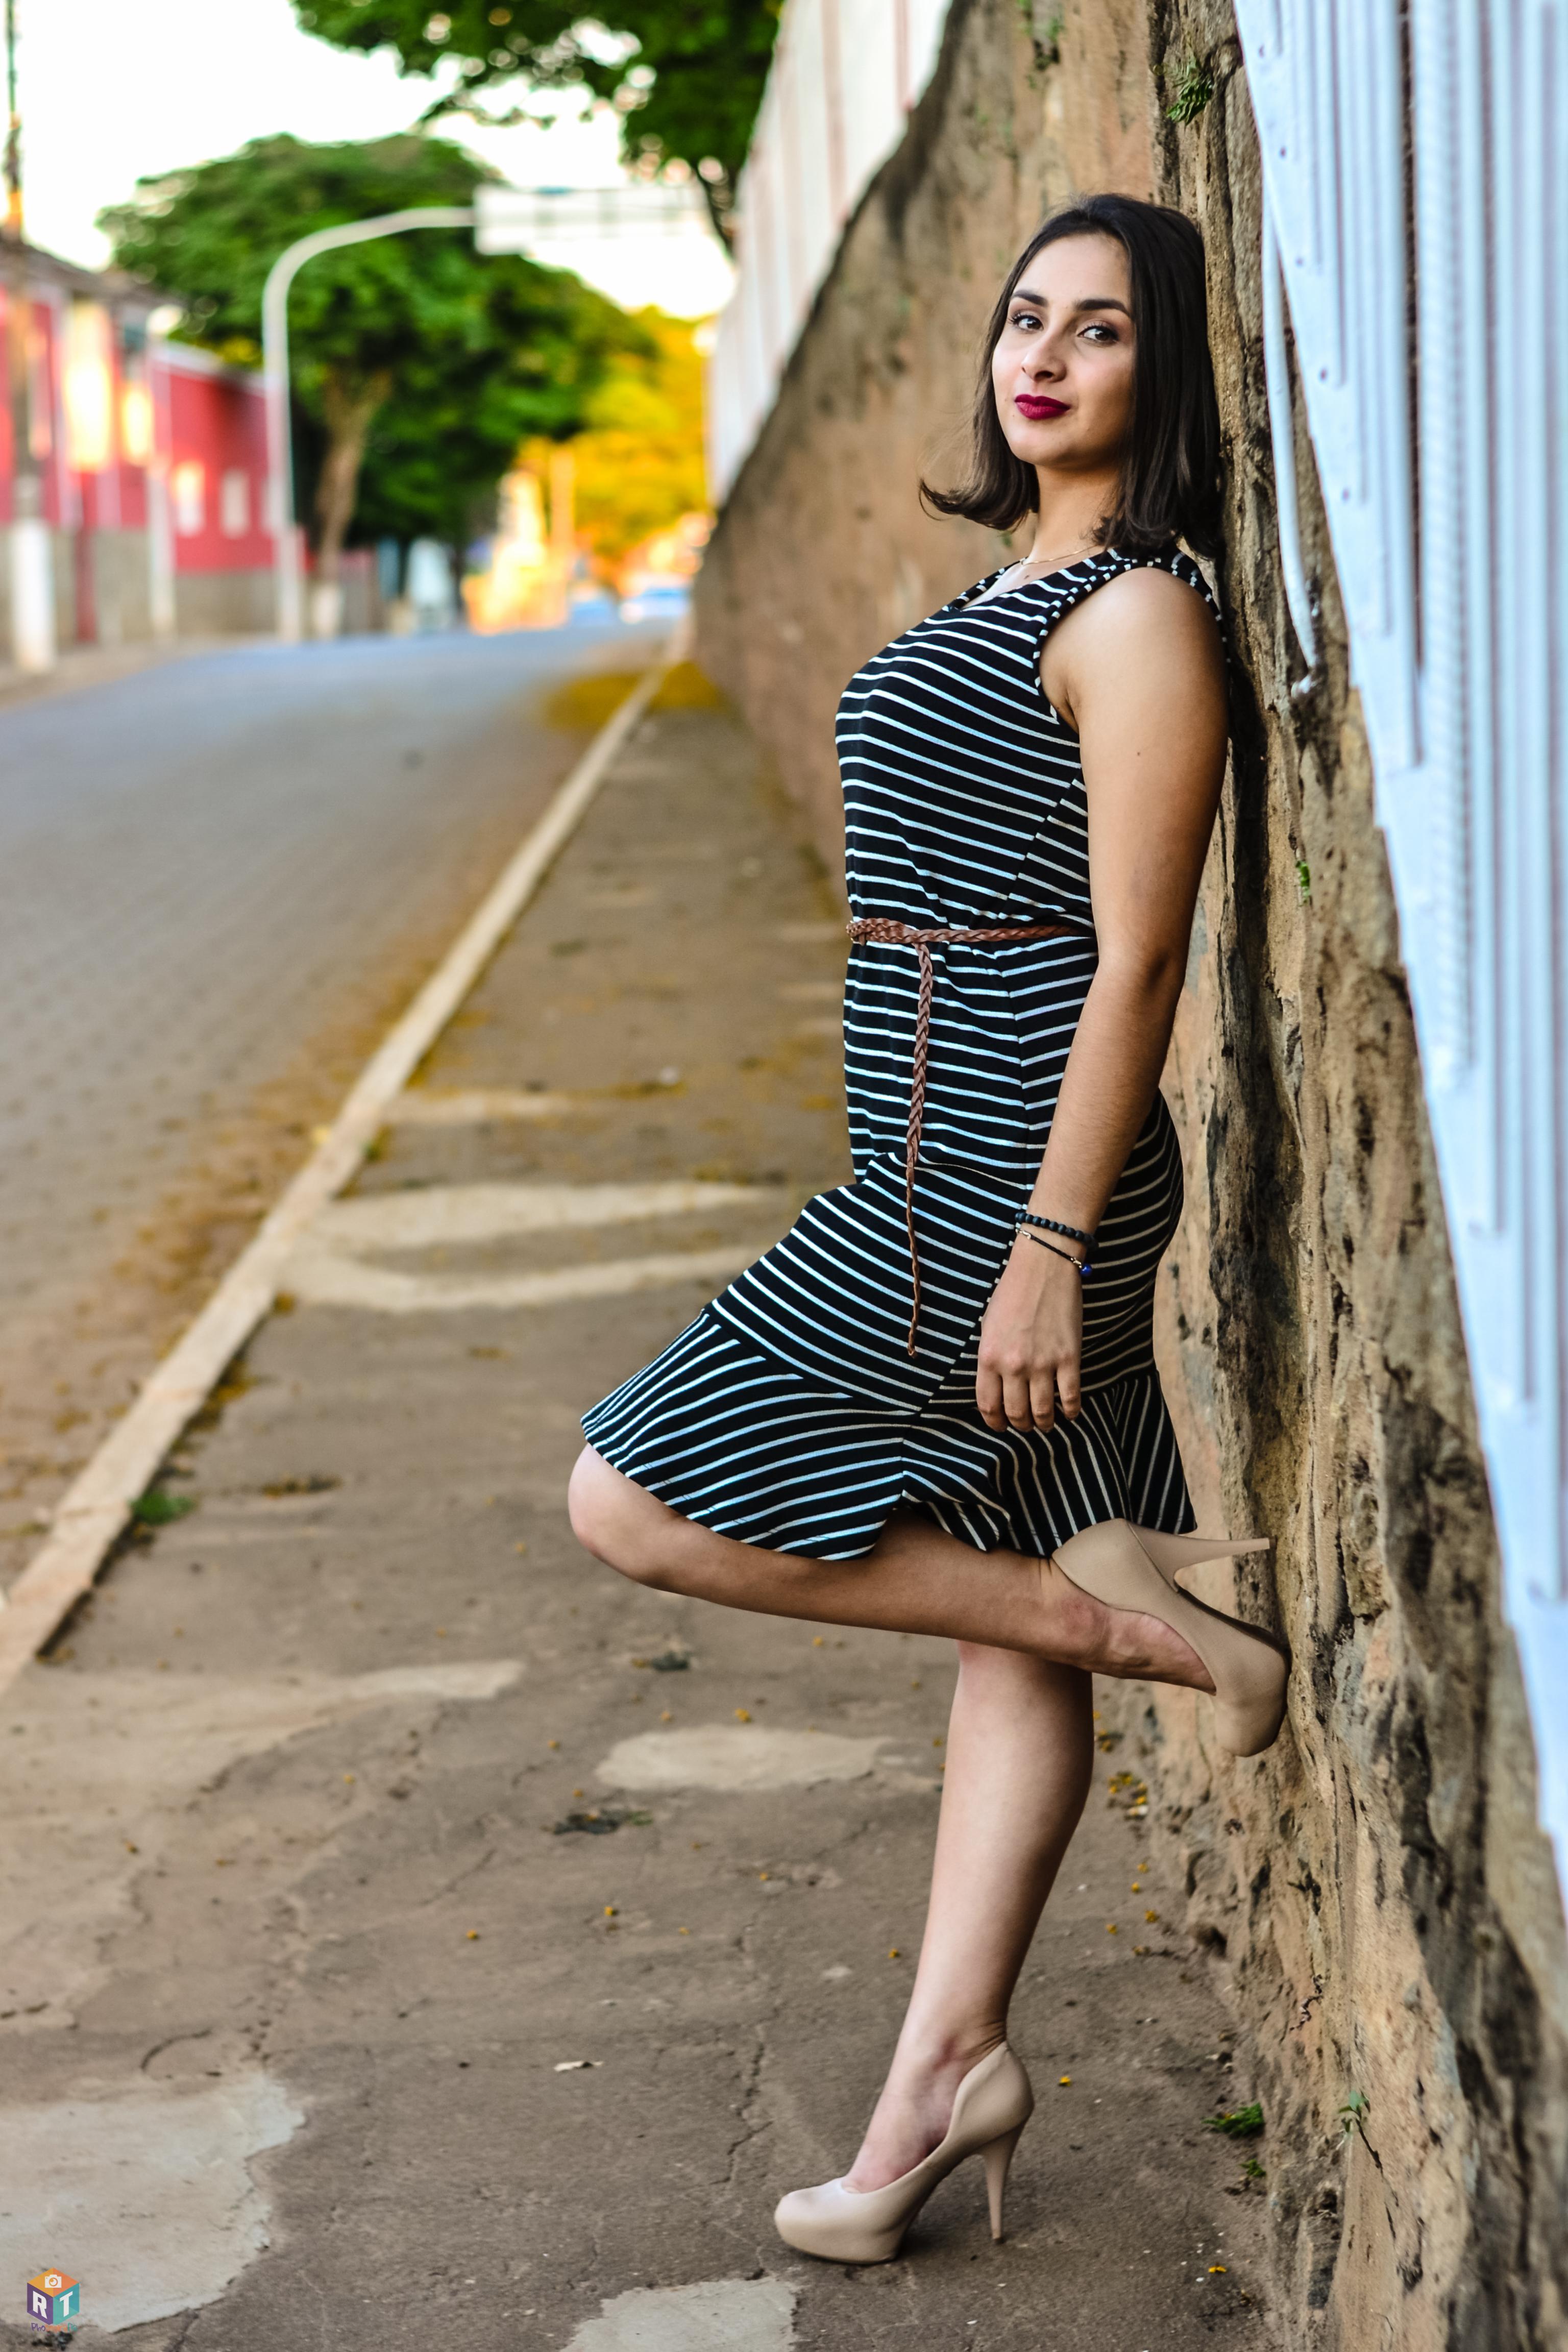 Fotos gratis : mujer, belleza, niña, modelo, dama, vestir, pierna ...